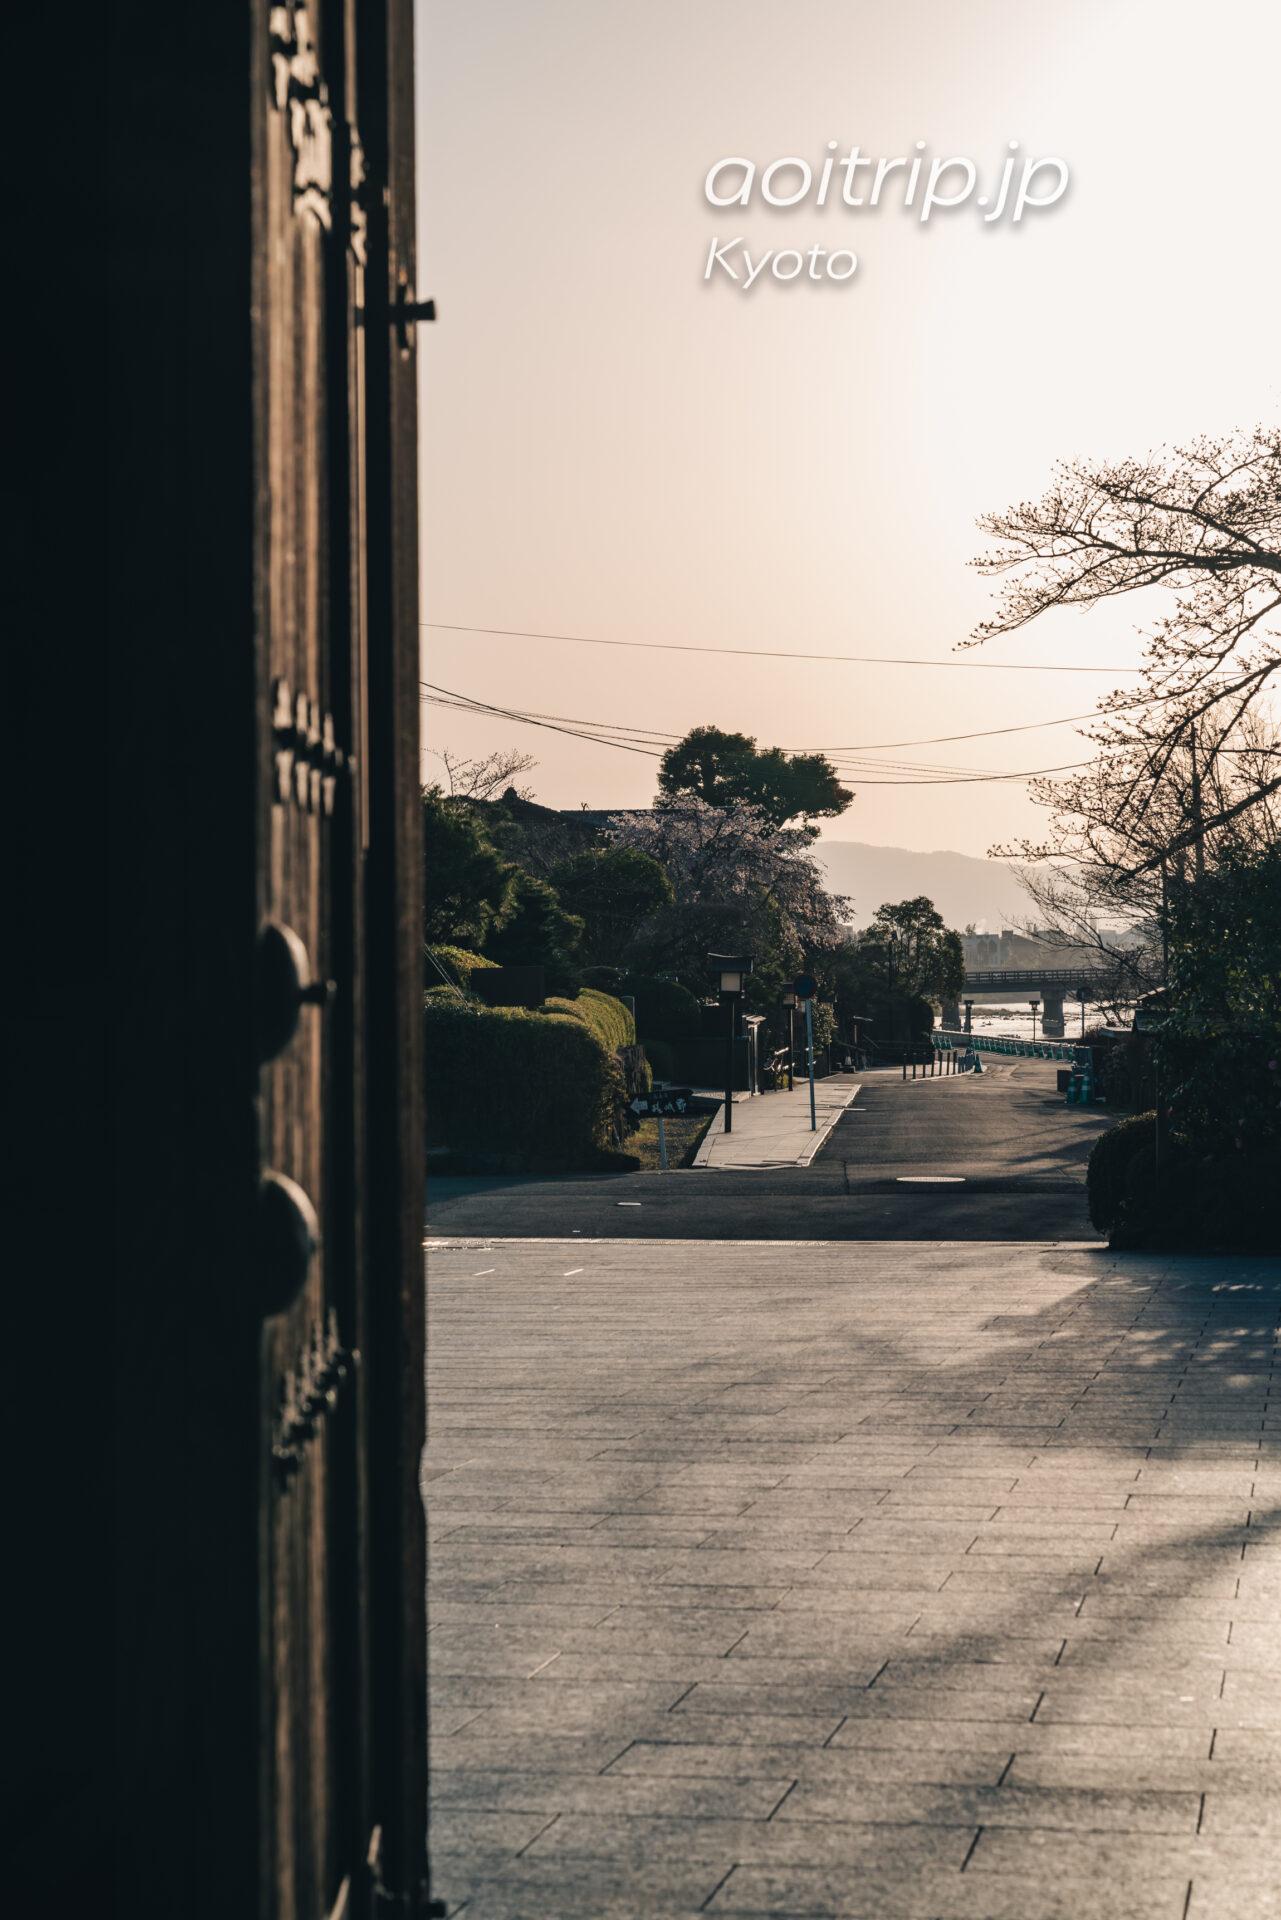 翠嵐 ラグジュアリーコレクションホテル 京都 宿泊記|Suiran, a Luxury Collection Hotel, Kyoto 早朝、表玄関より渡月橋を望む